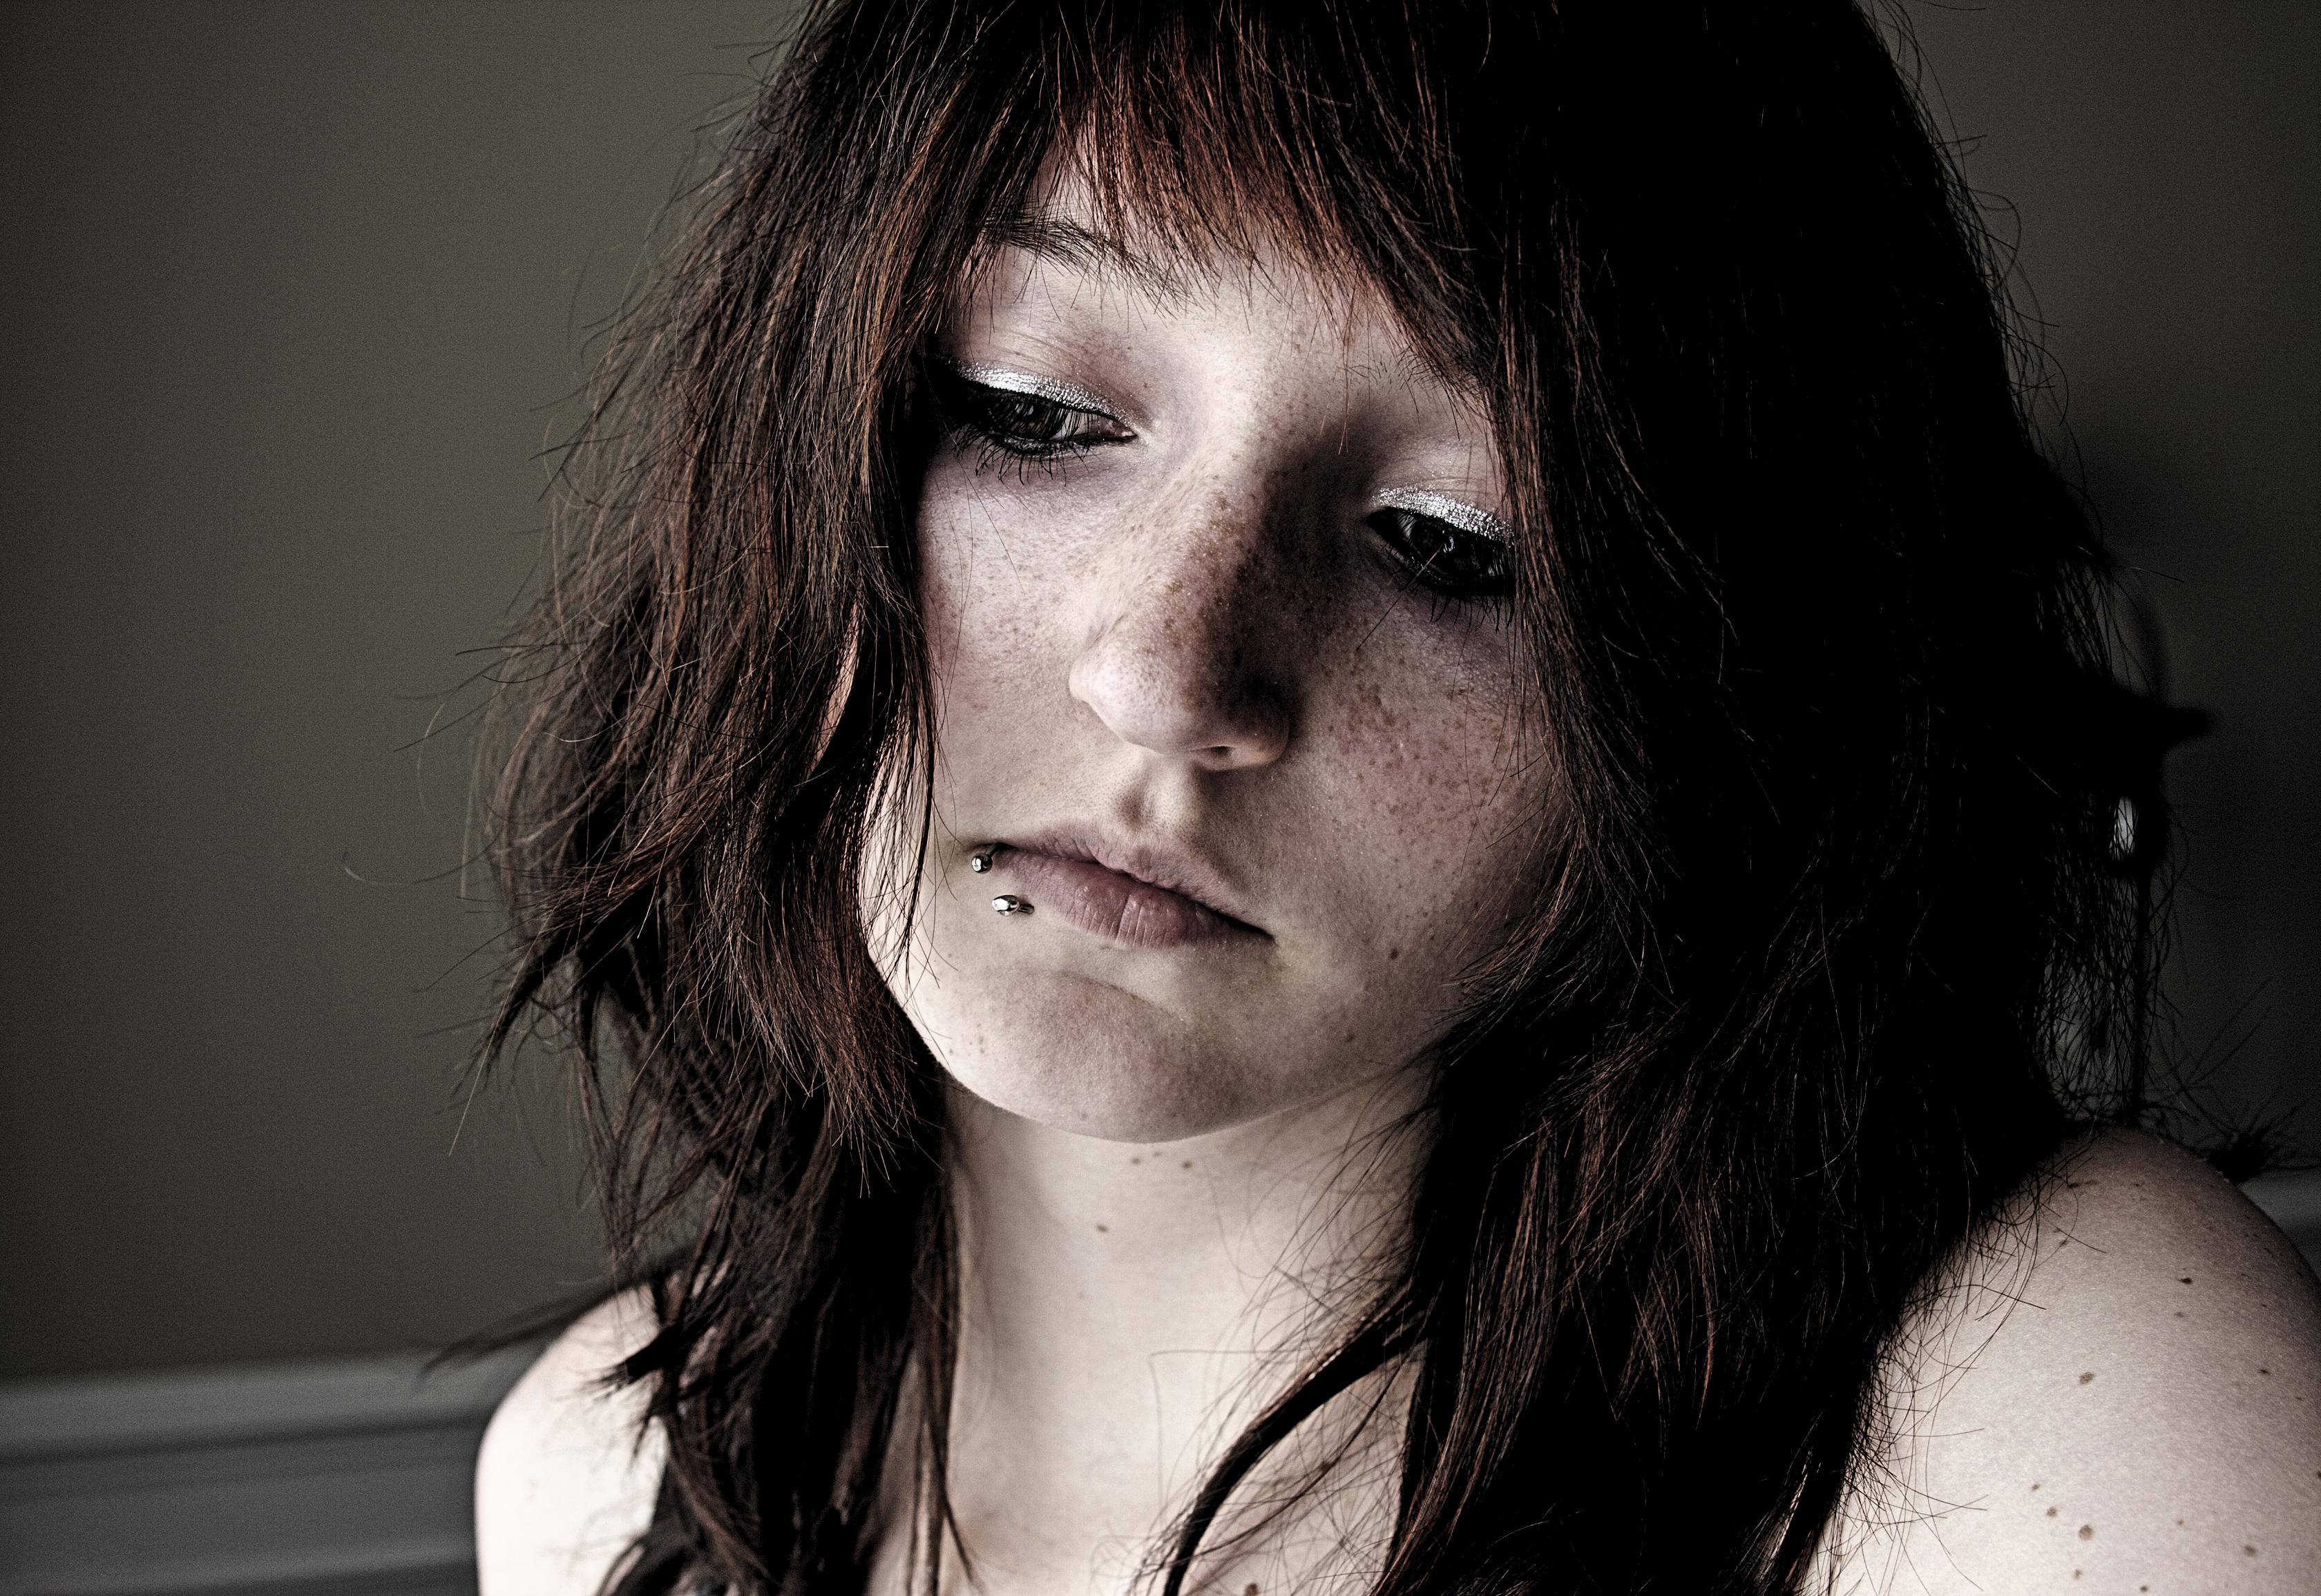 Sadness by madpunk